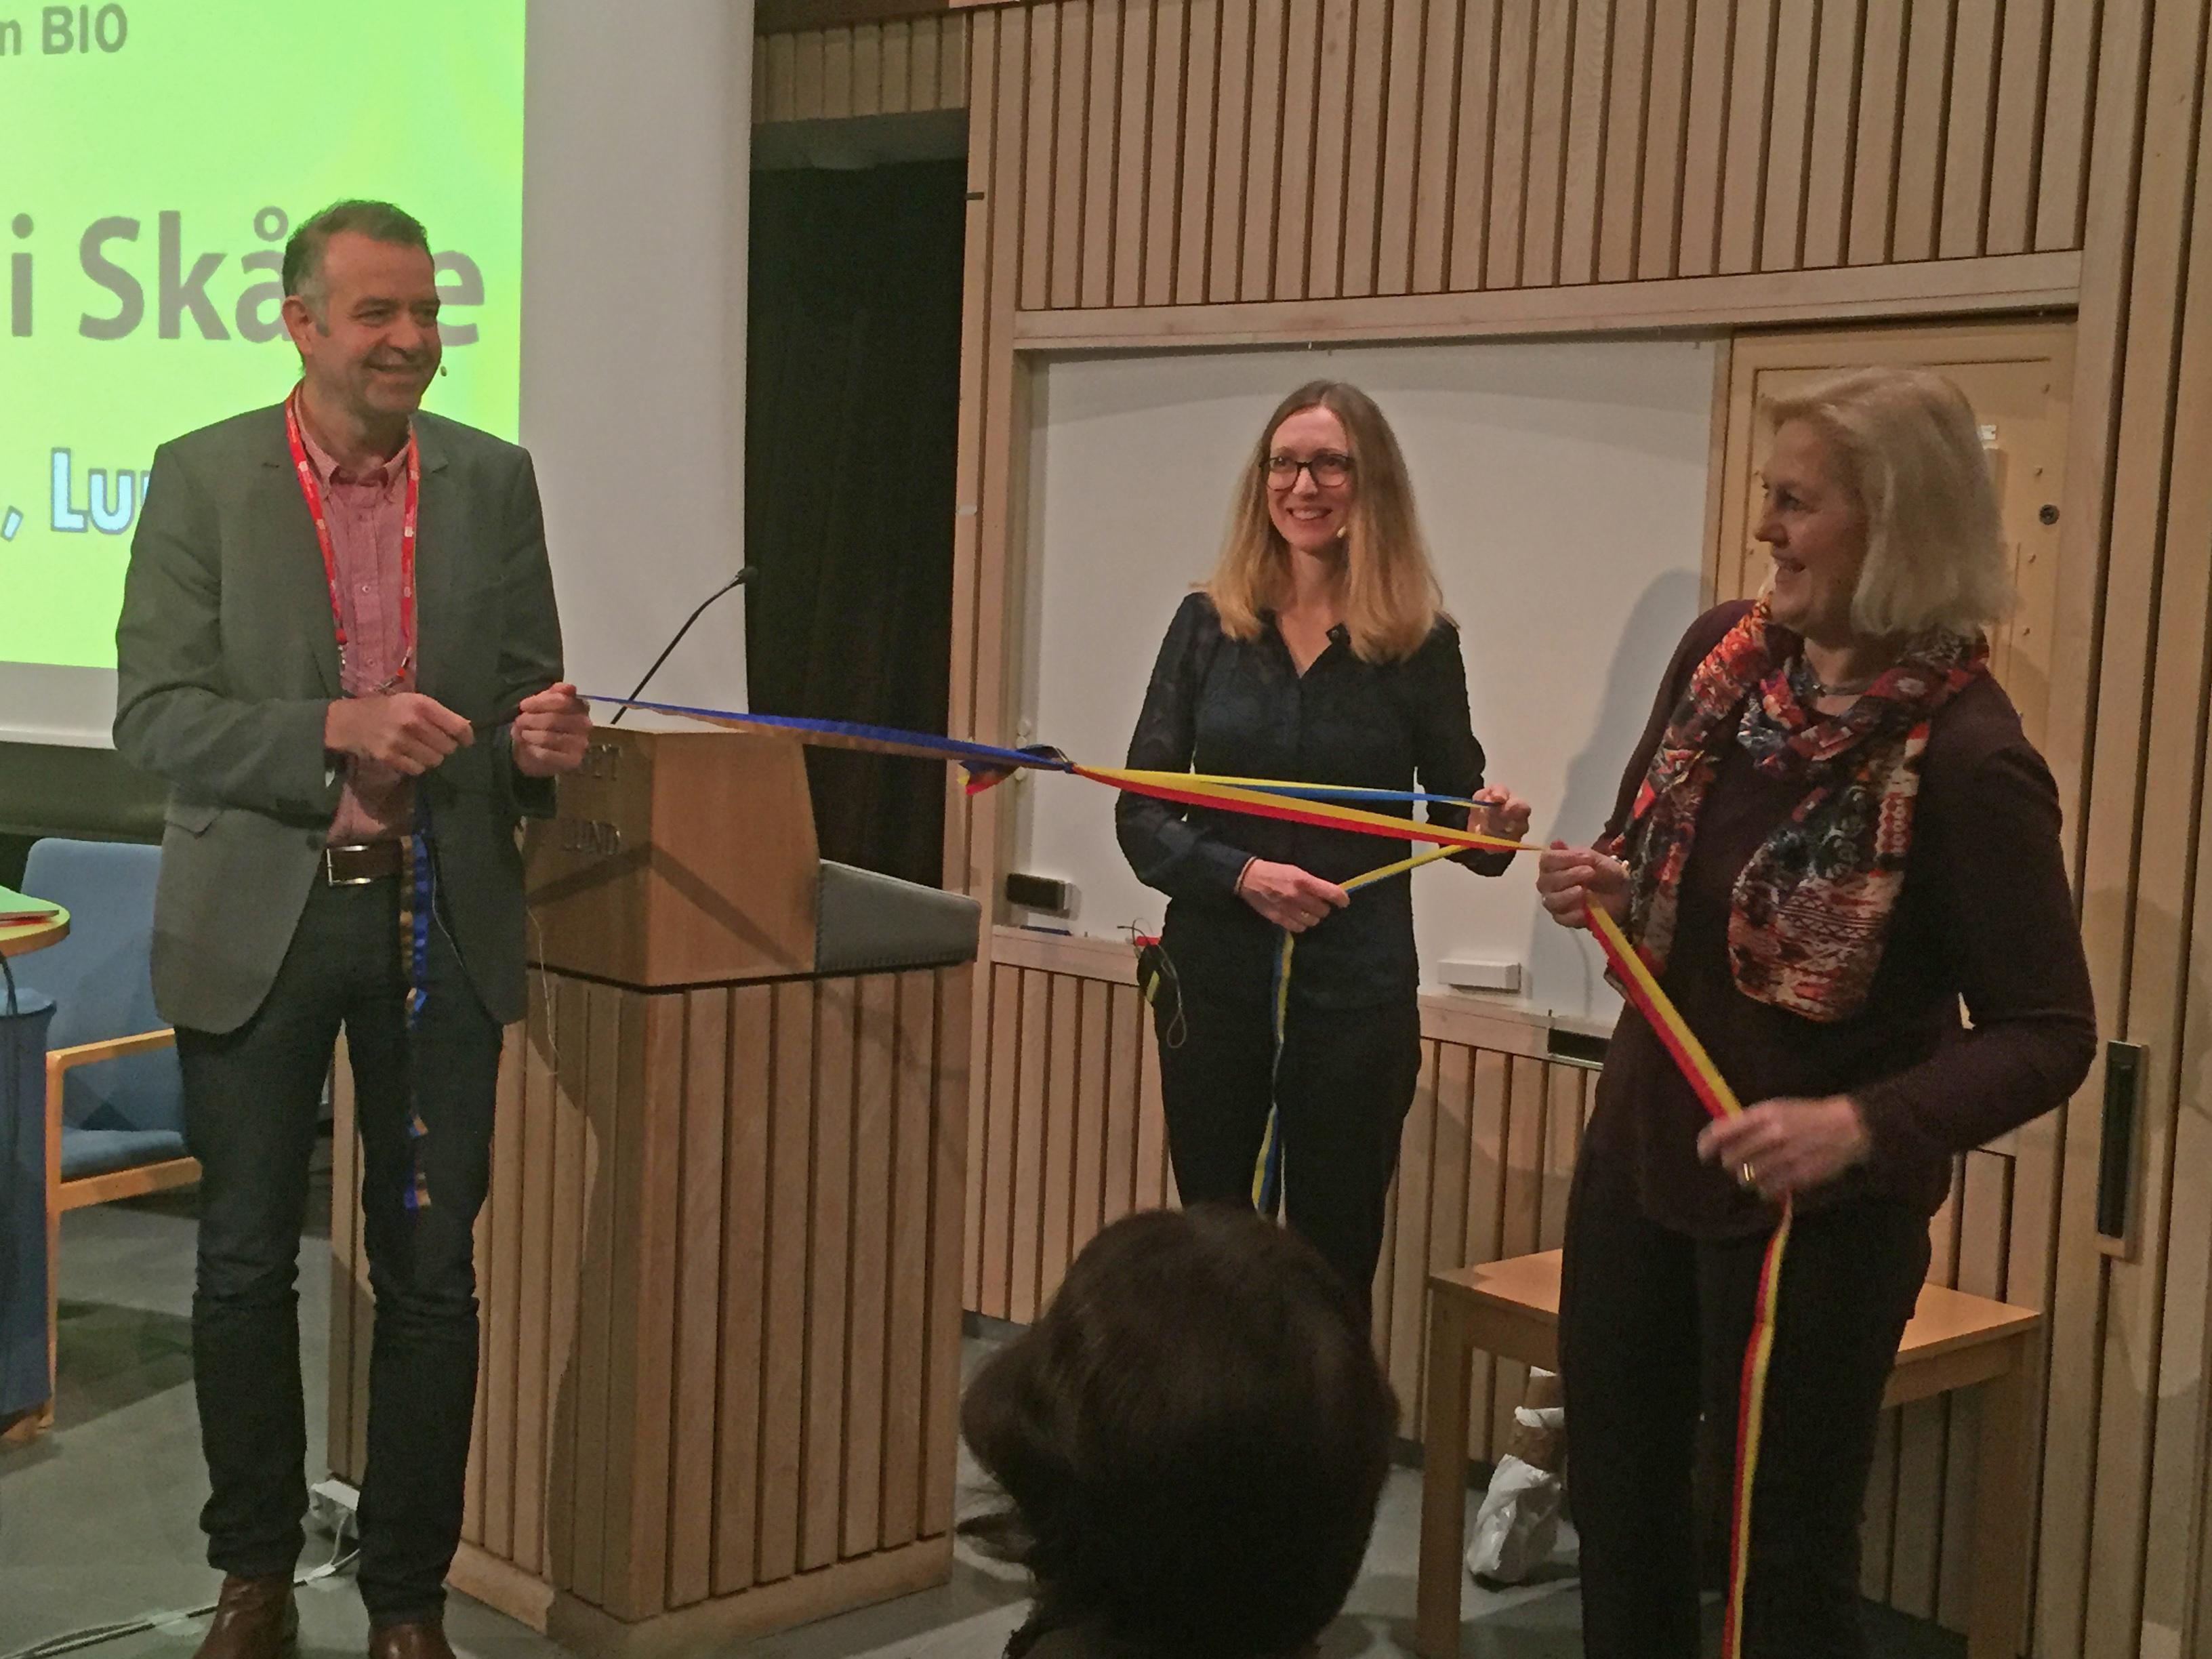 Tomas Jansson, föreståndare för Medicon Bridge, (t.v.) knyter ihop invigningsband tillsammans med Sara Gunnerås, SwedenBIO (mitten), och Hannie Lundgren, Styrelseordförande för Medicon Bridge och forskningschef Region Skåne (t.h.)